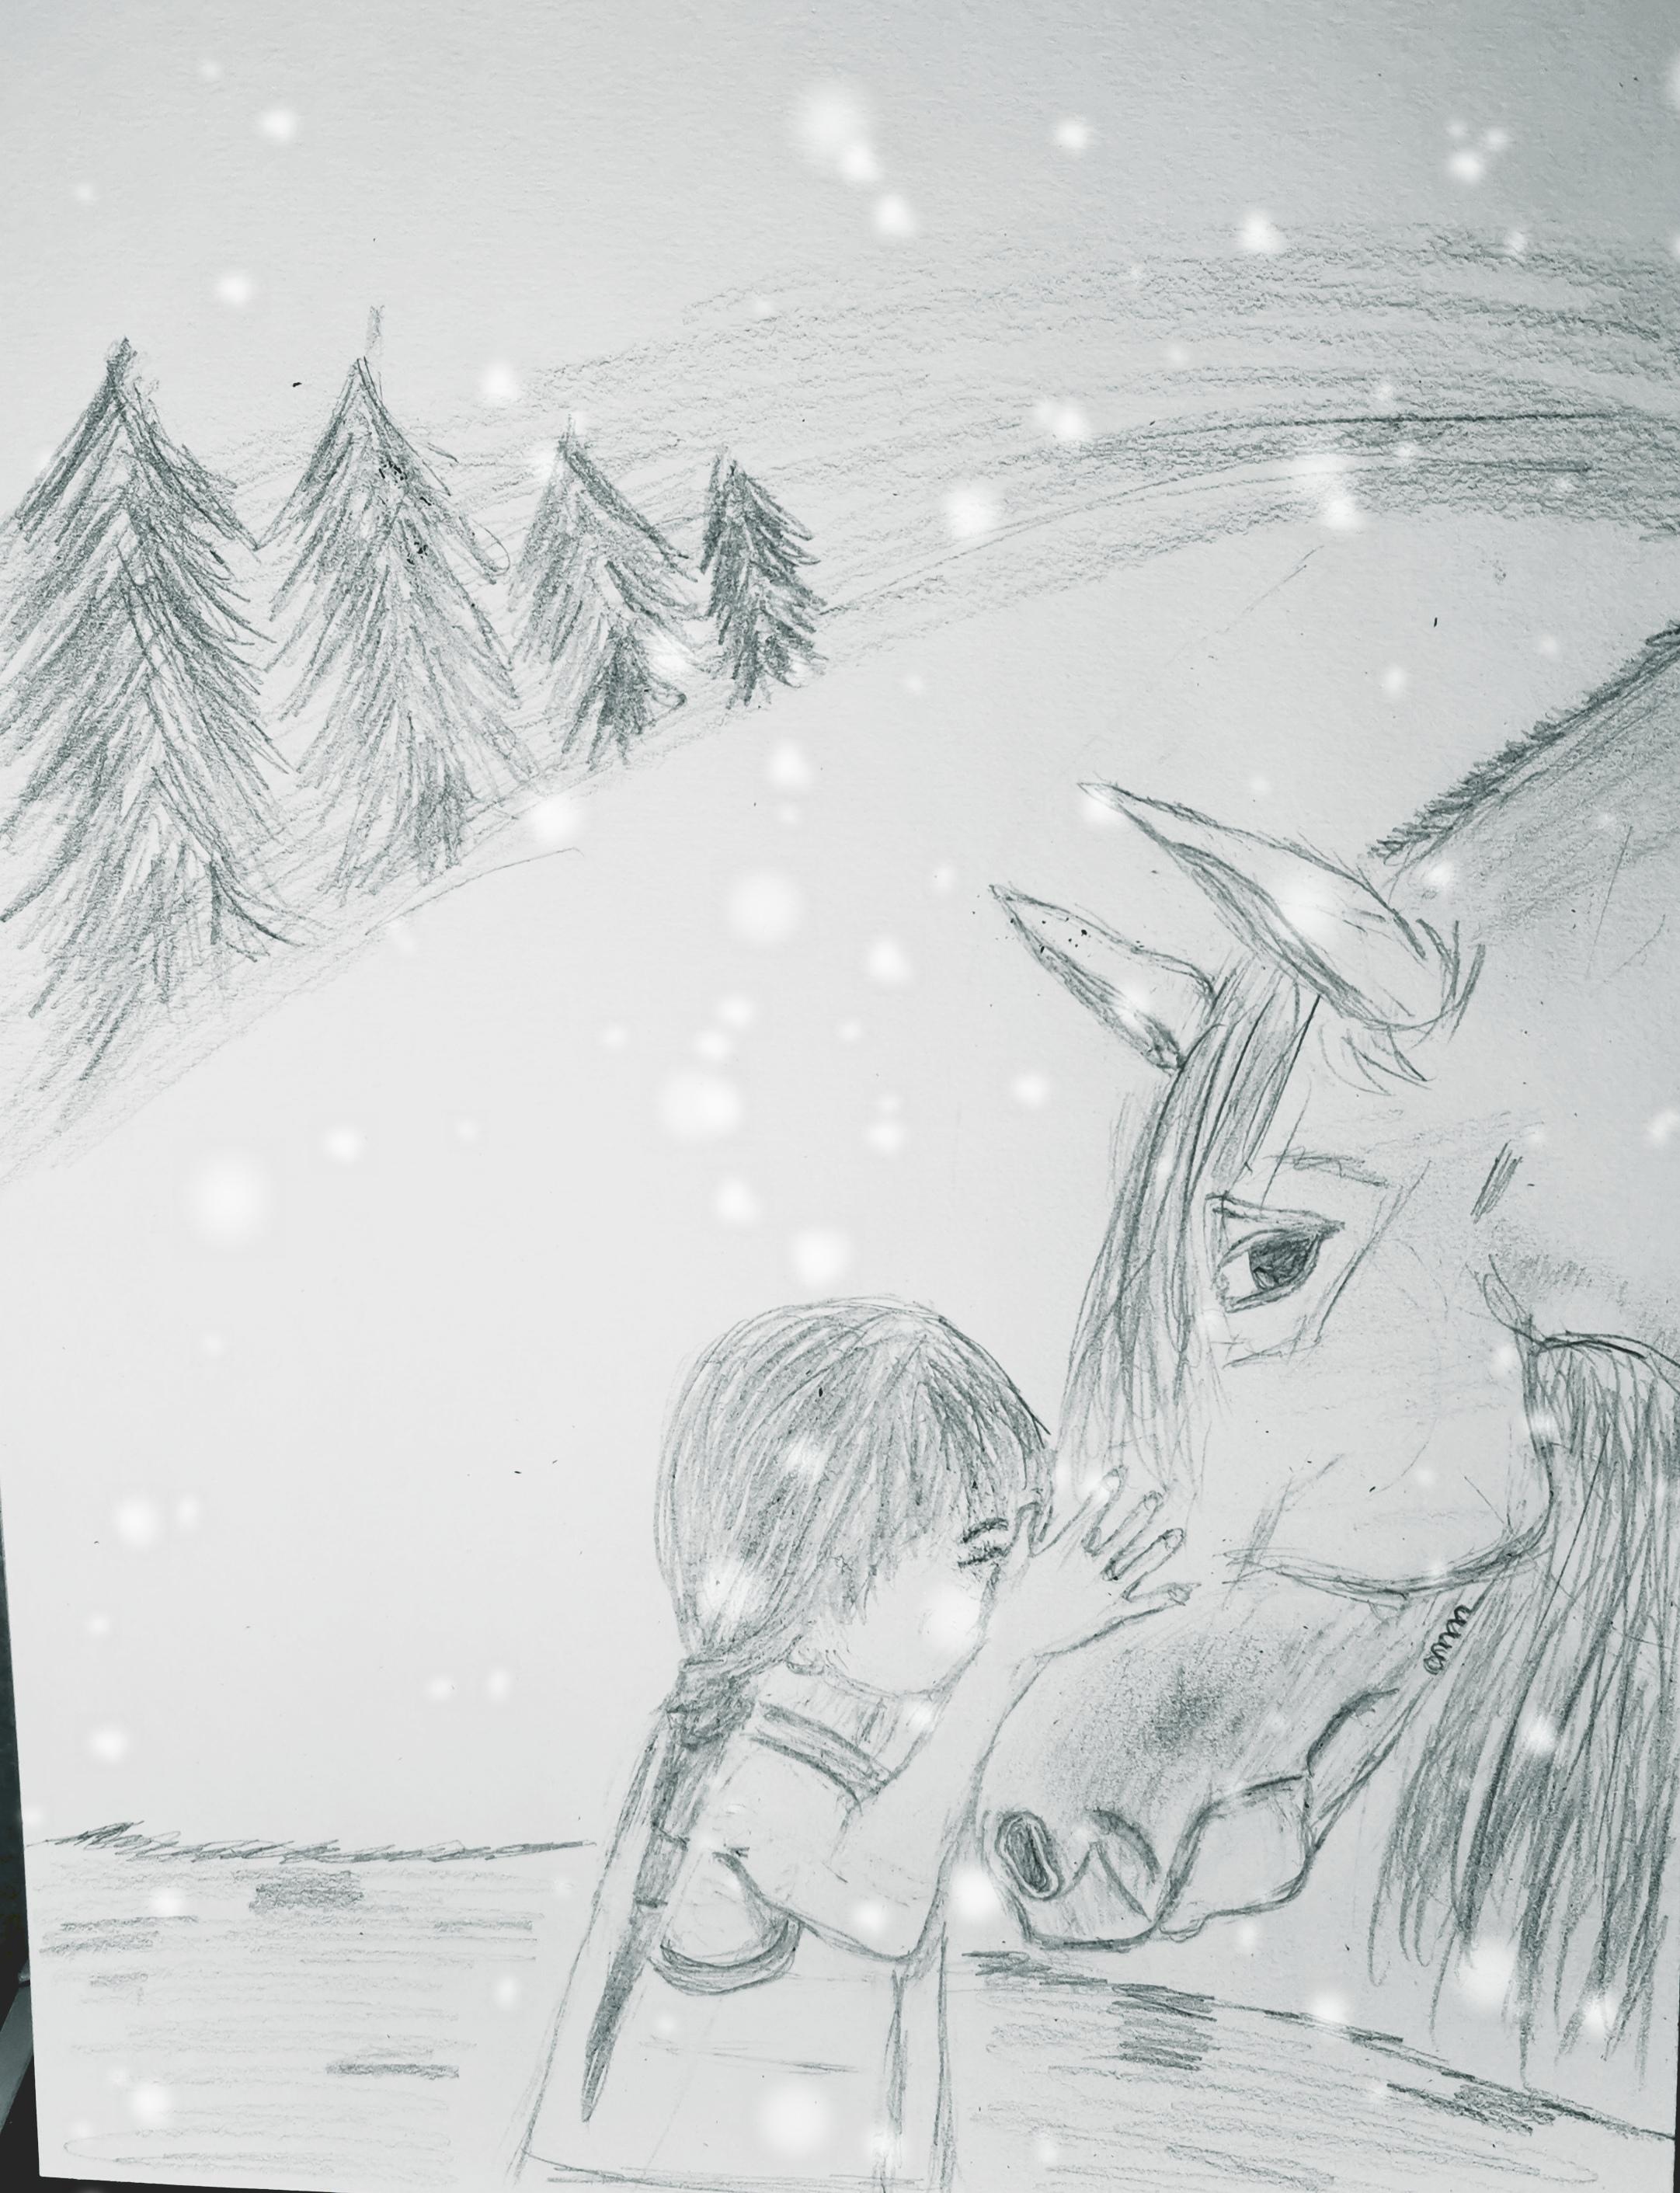 Dessin La petite fille et son cheval de Myr2006